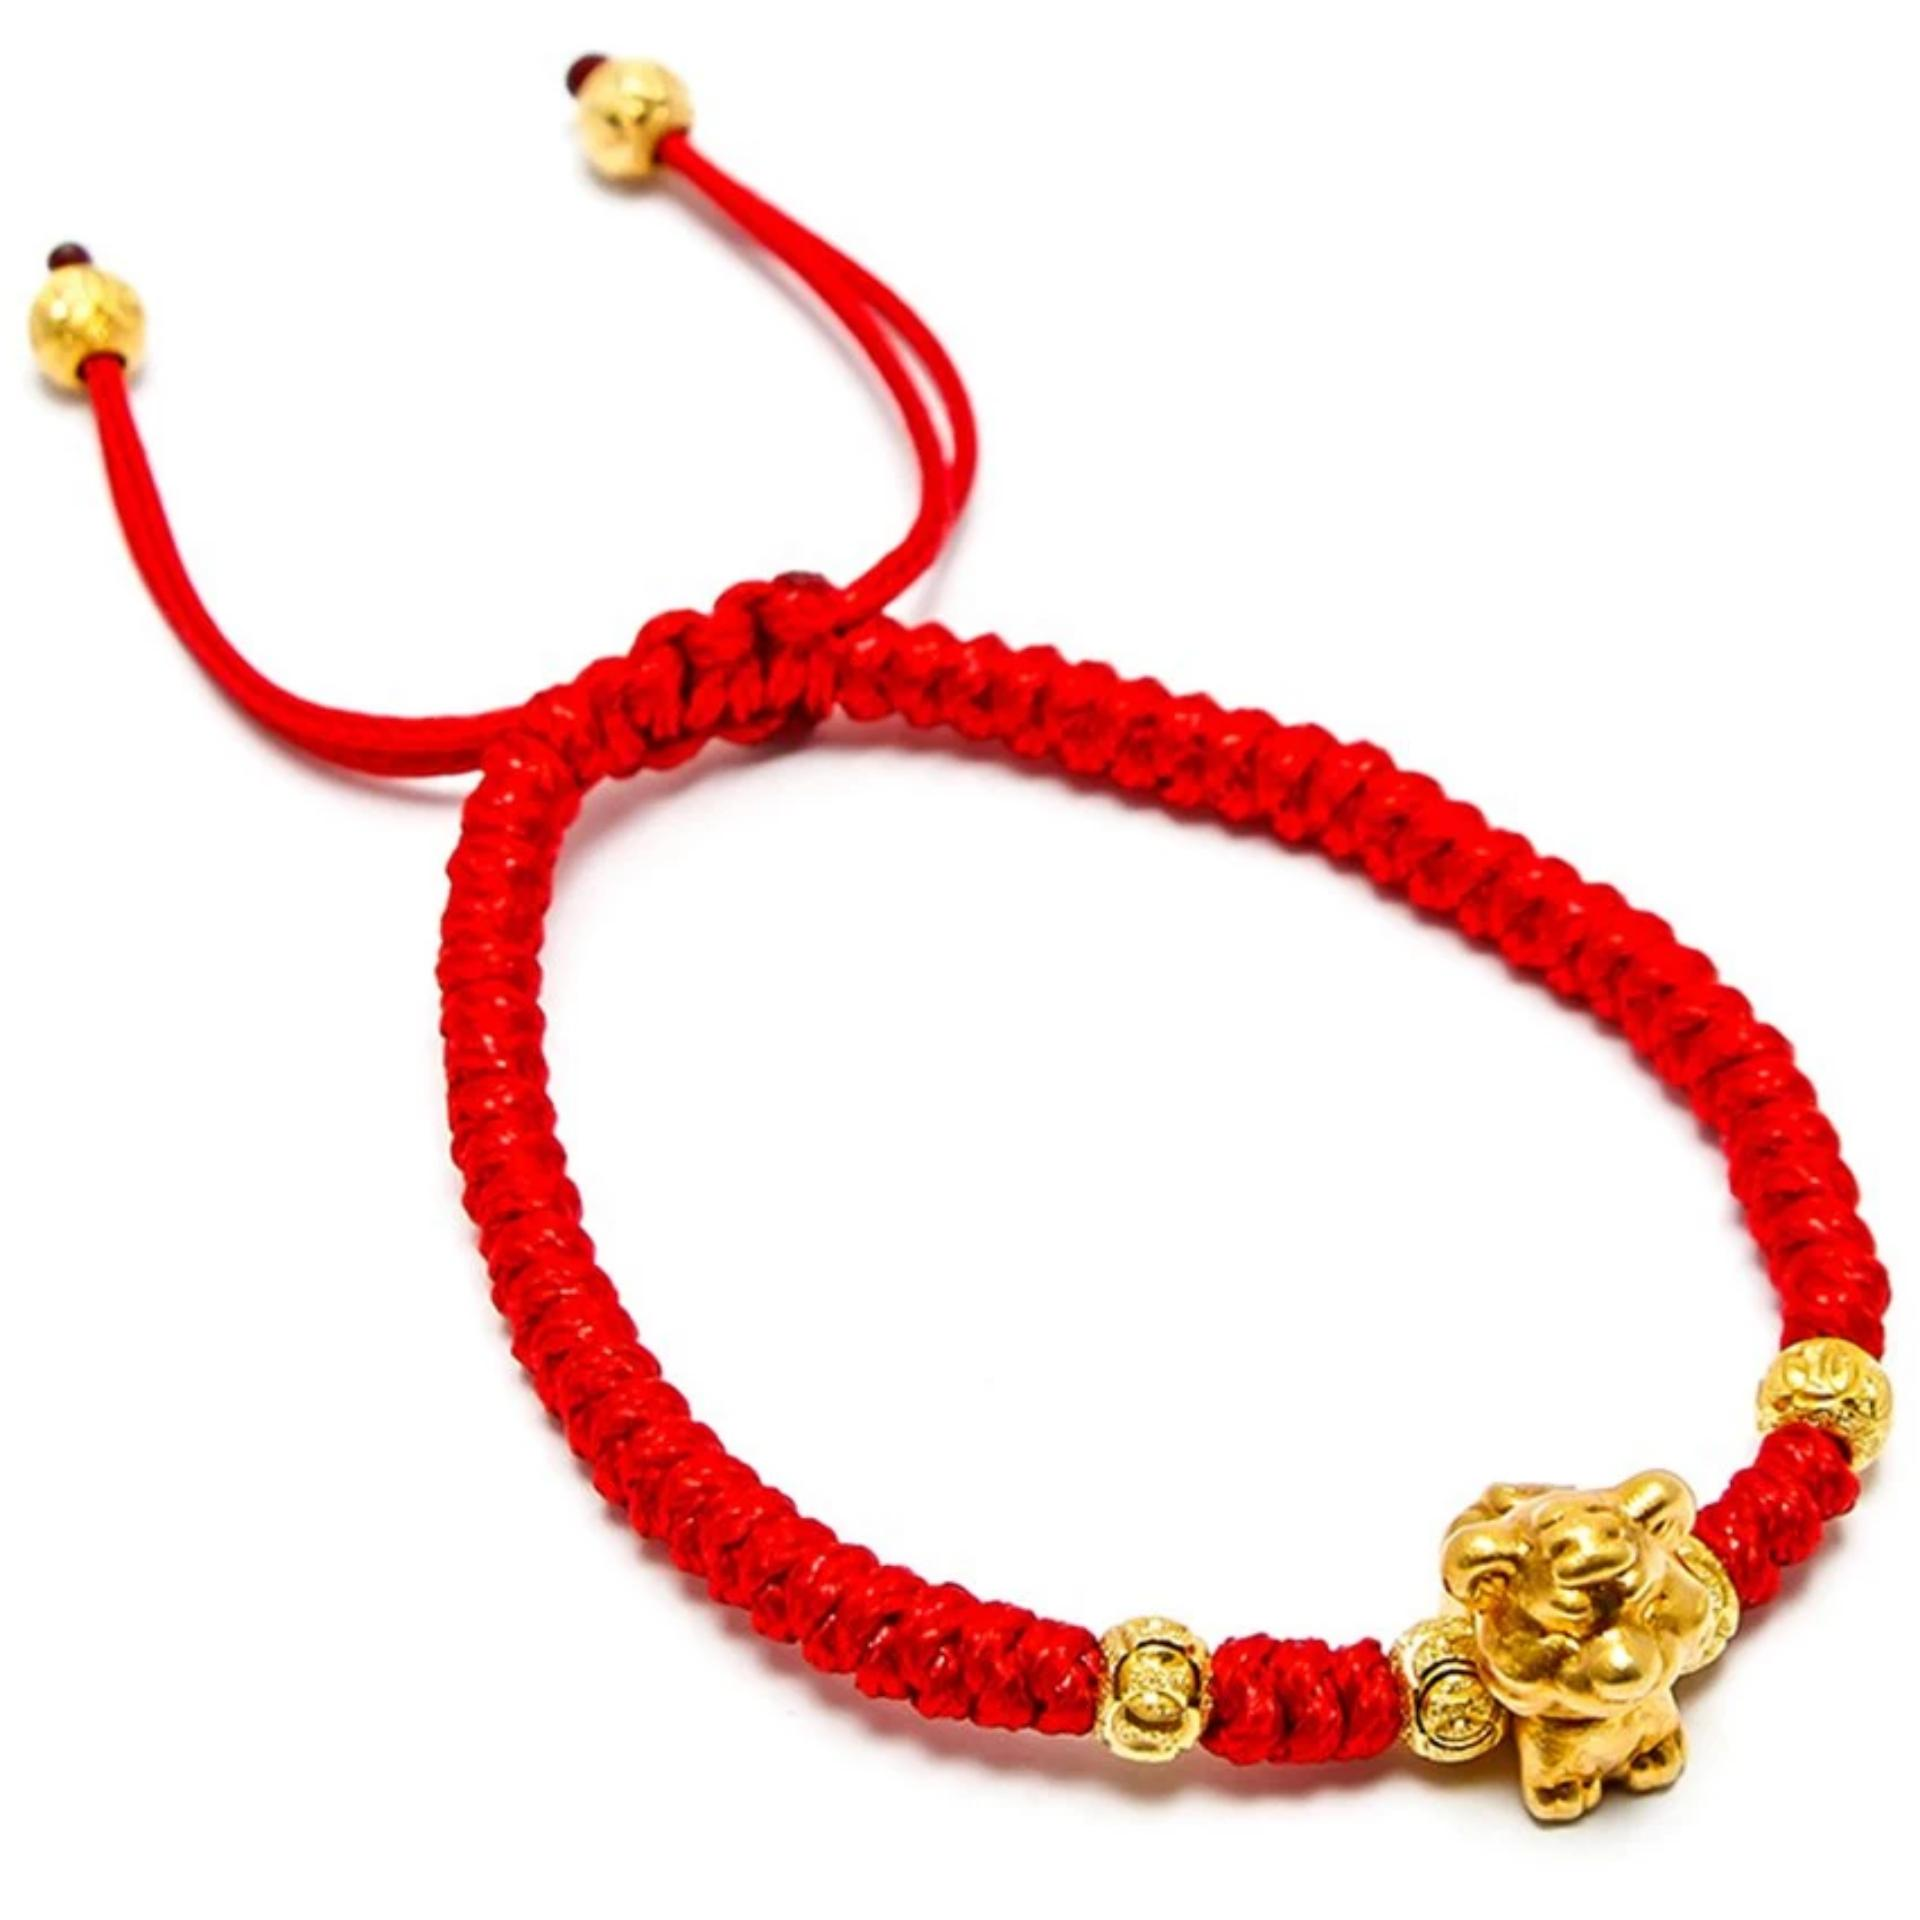 Vòng tay dây phong thủy mạ vàng 12 con giáp tuổi Dần ( Đỏ)